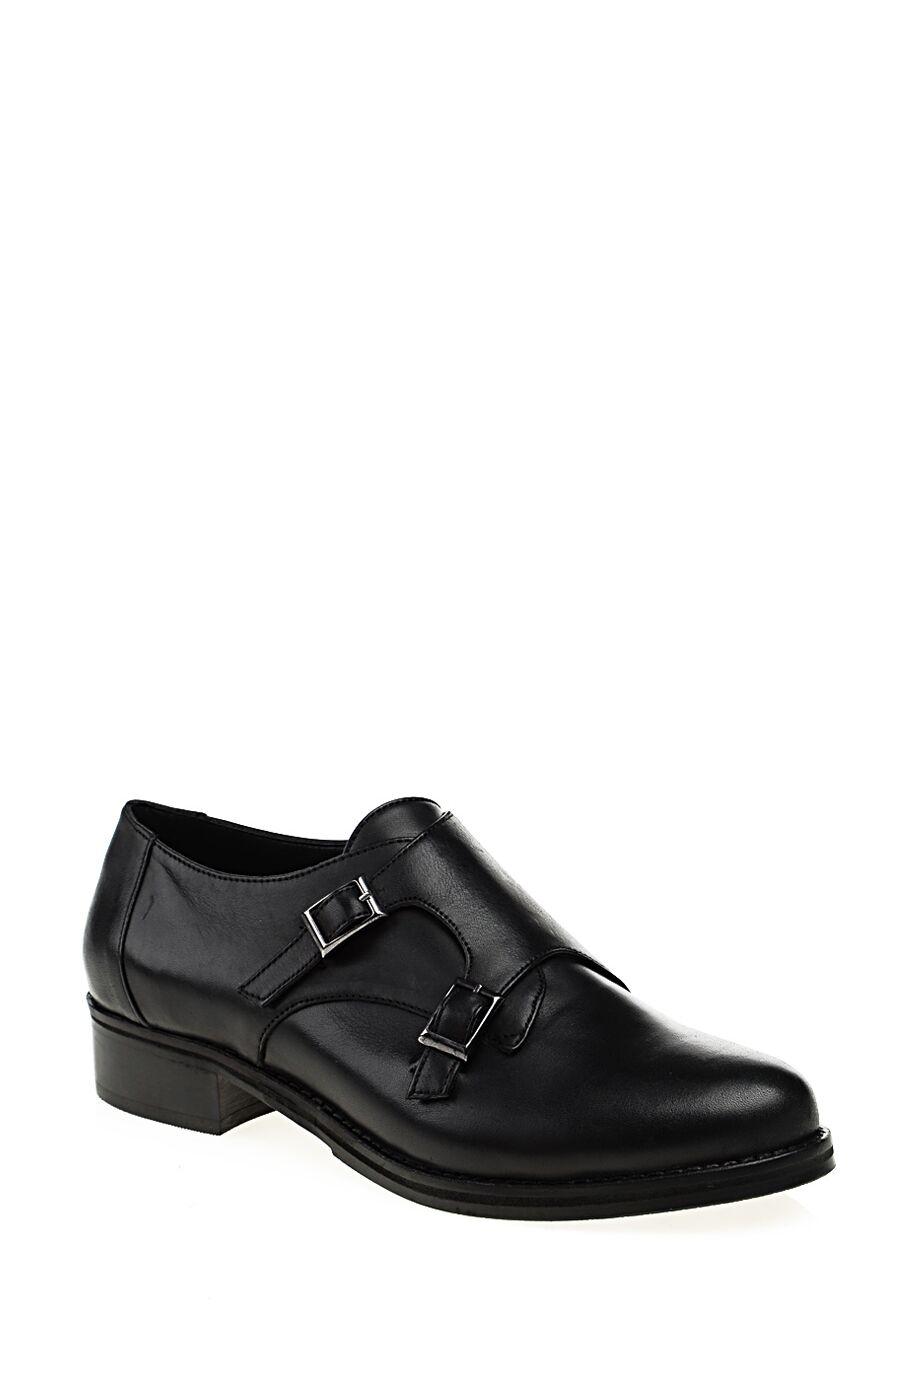 Siyah Deri Monk Ayakkabı